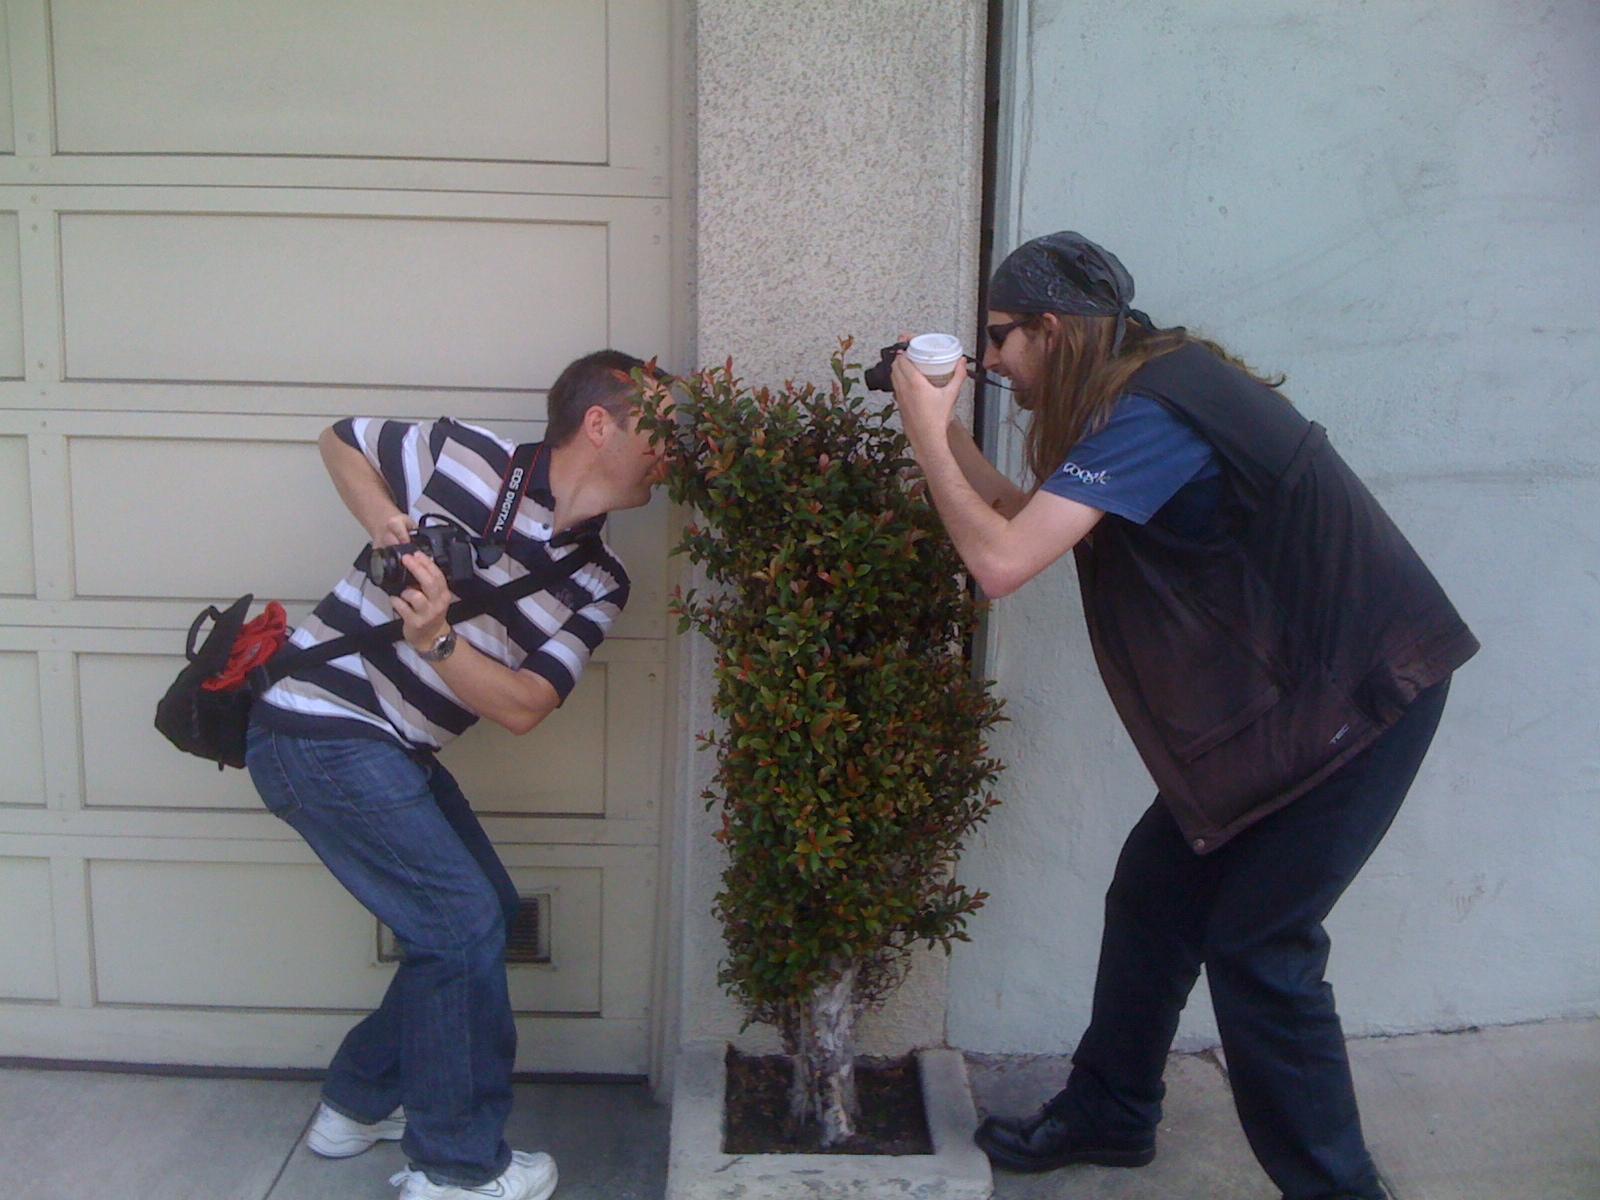 Camera wars